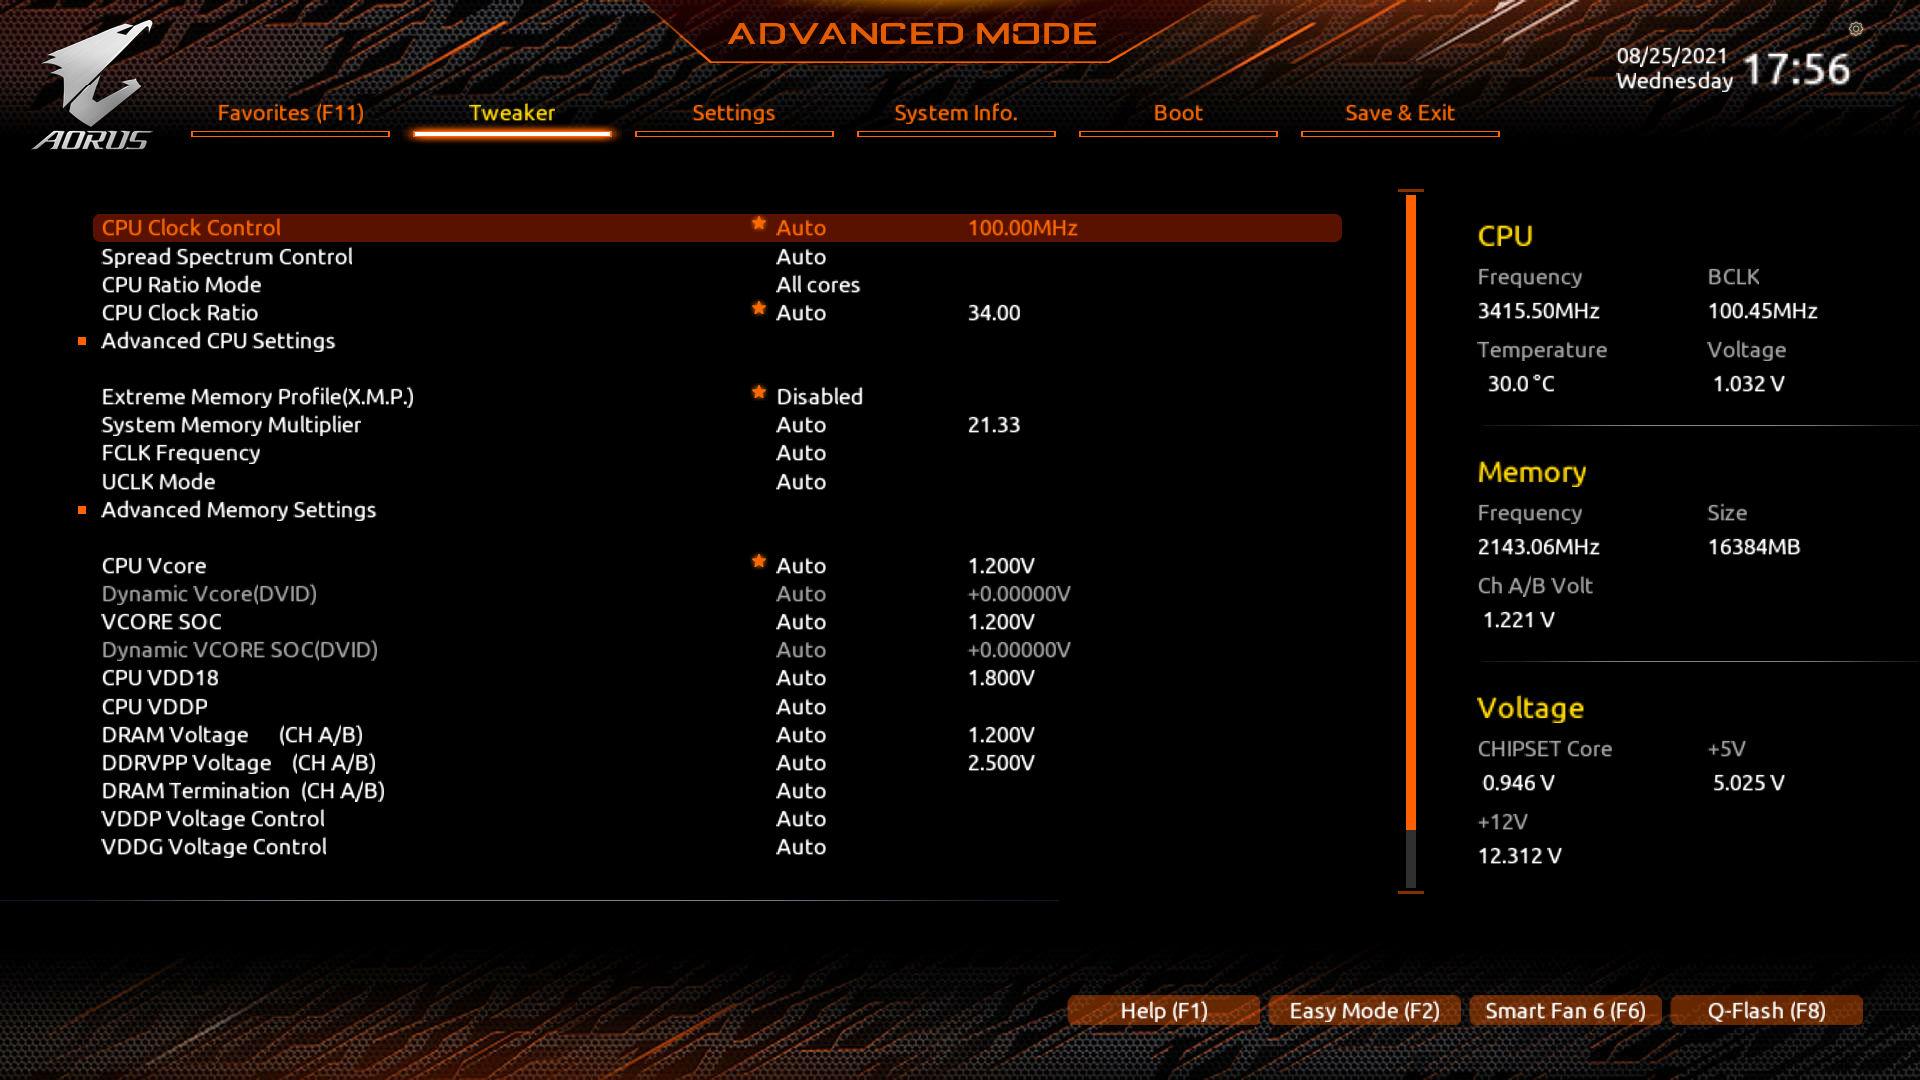 GIGABYTE X570S AORUS MASTER